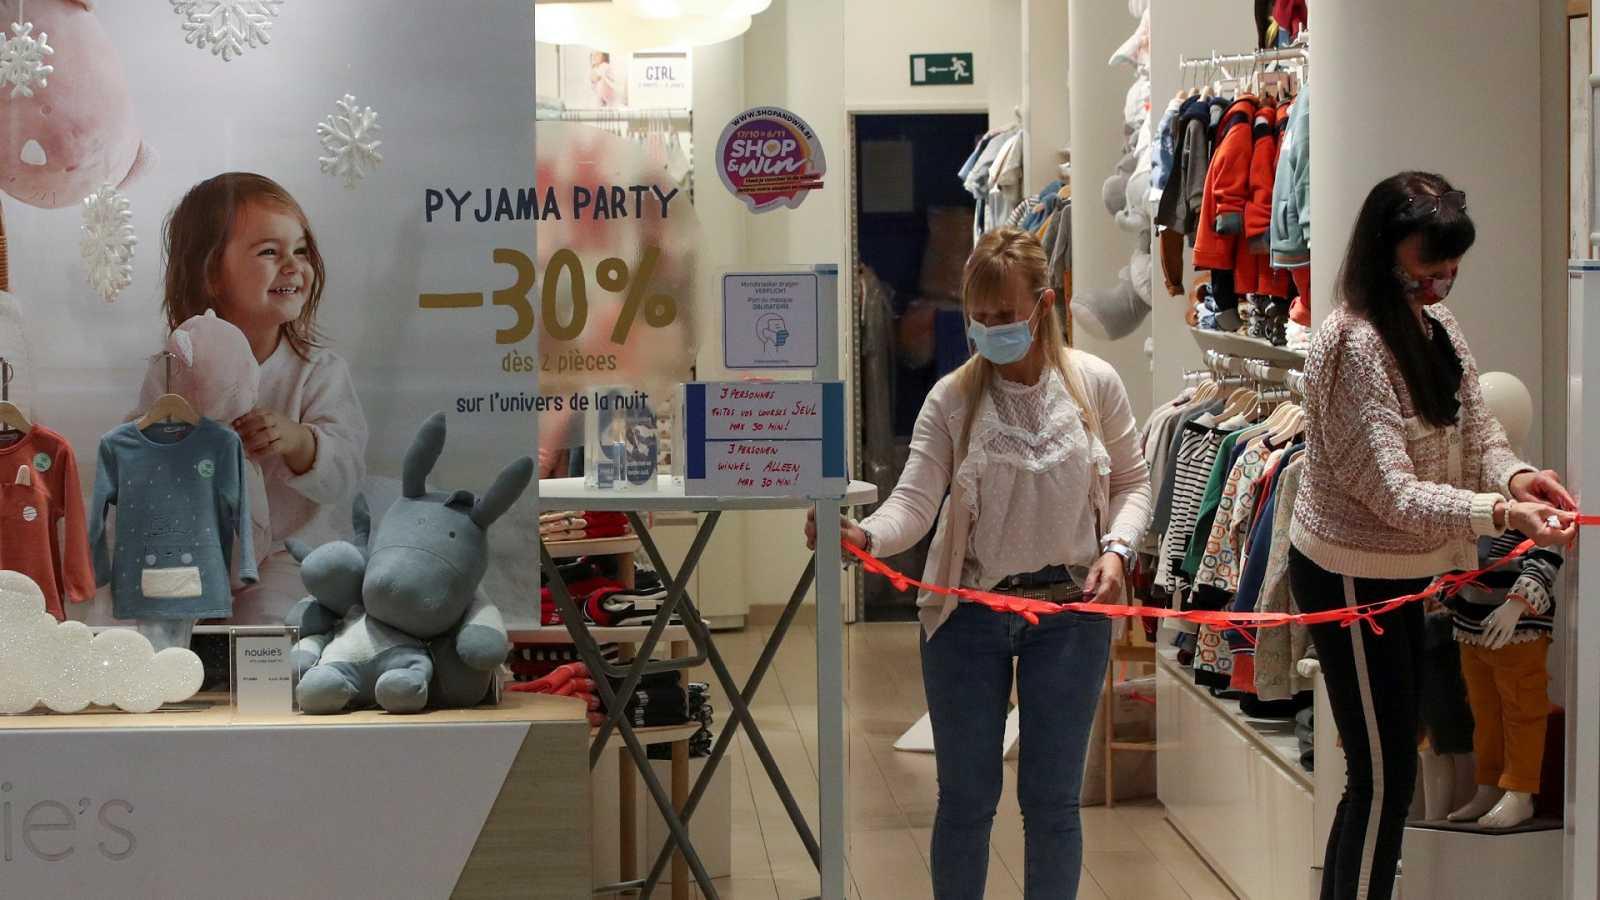 Bélgica reabre los comercios tras cuatro semanas de cierre y se prepara para una Navidad muy dura